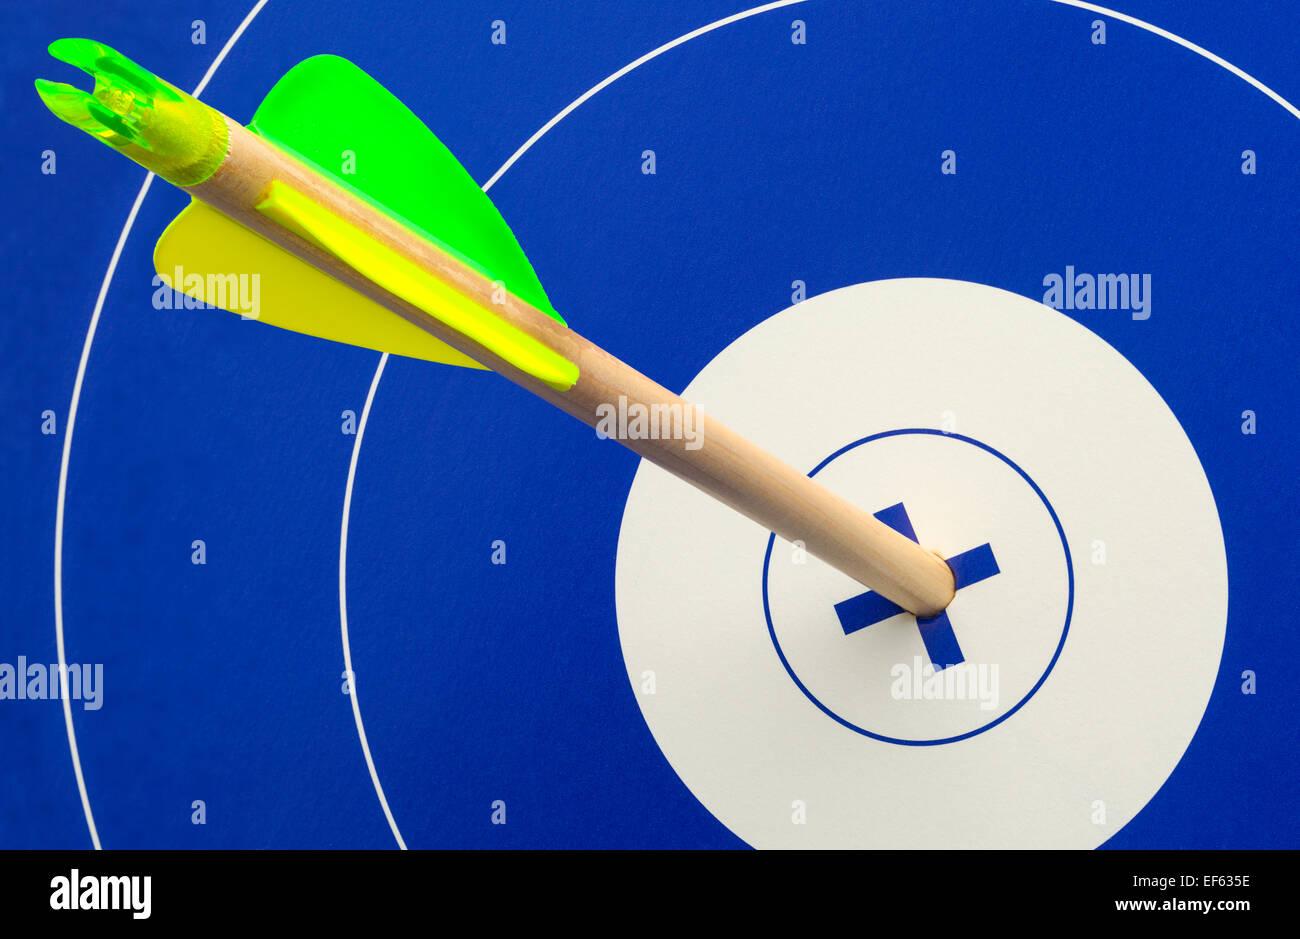 Flecha de madera único en el centro de azul y blanco. Imagen De Stock